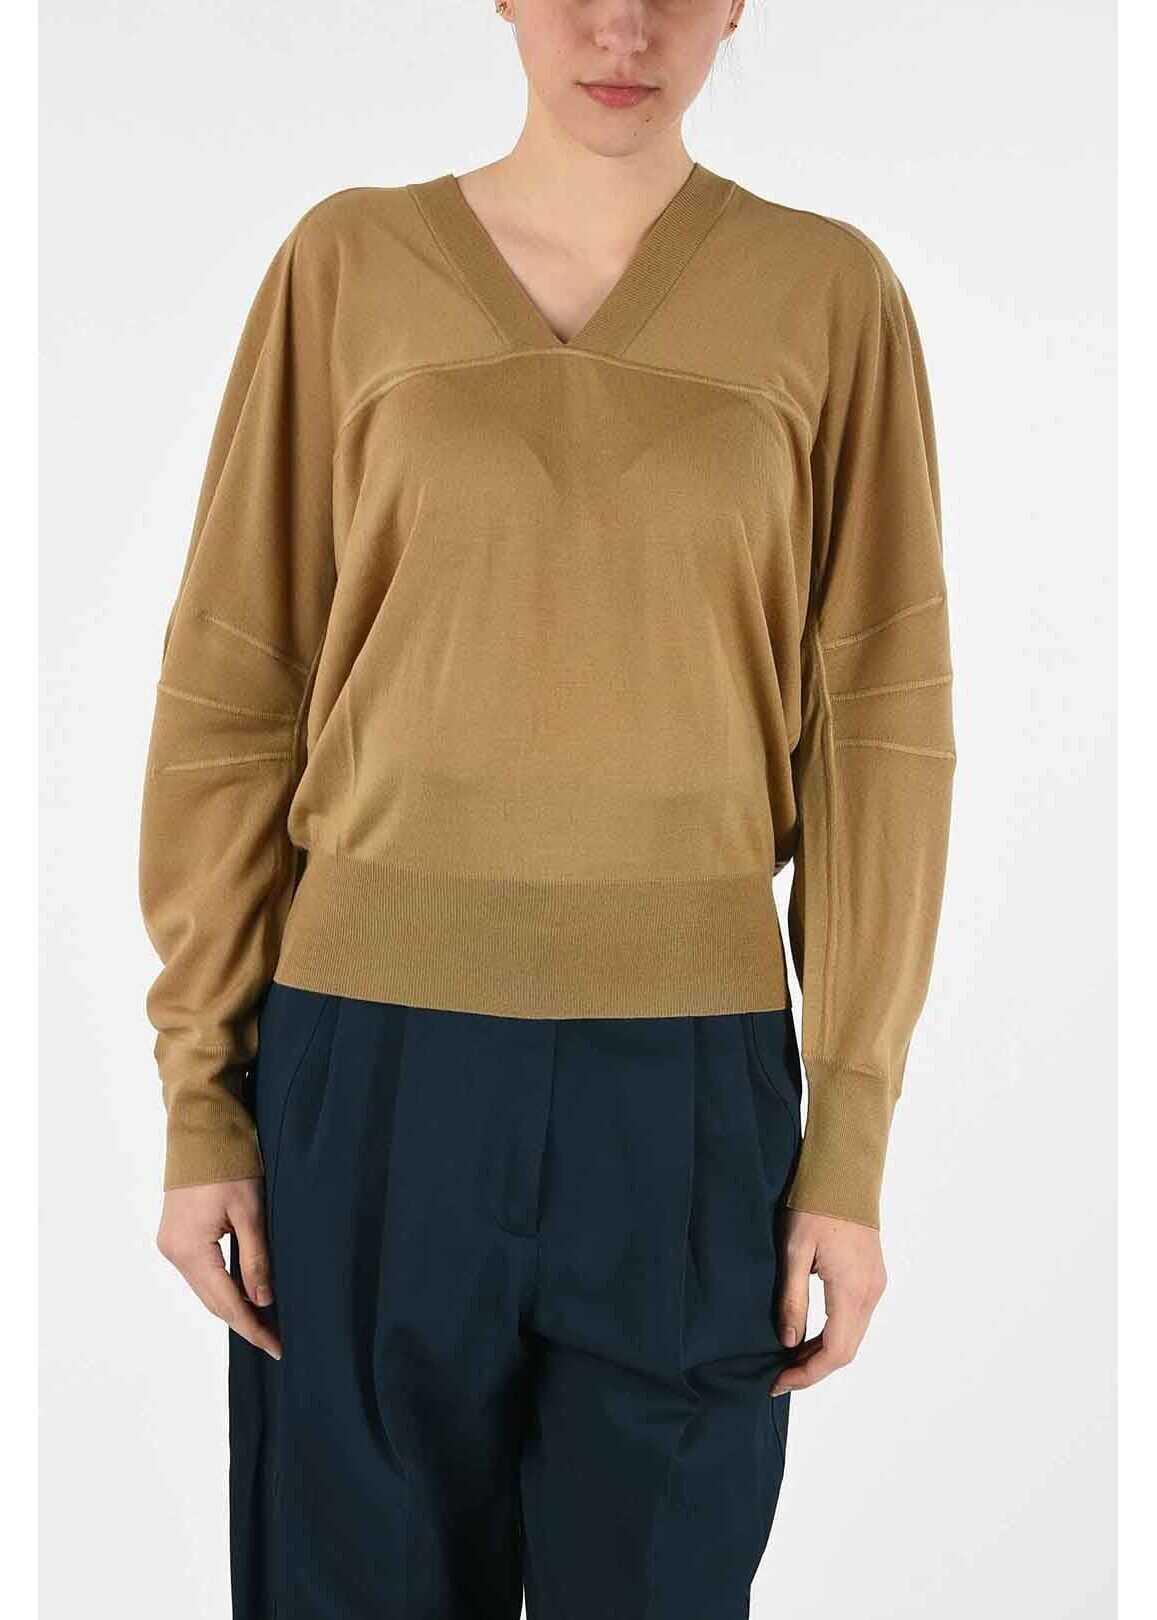 Bottega Veneta wool v-neck sweater BROWN